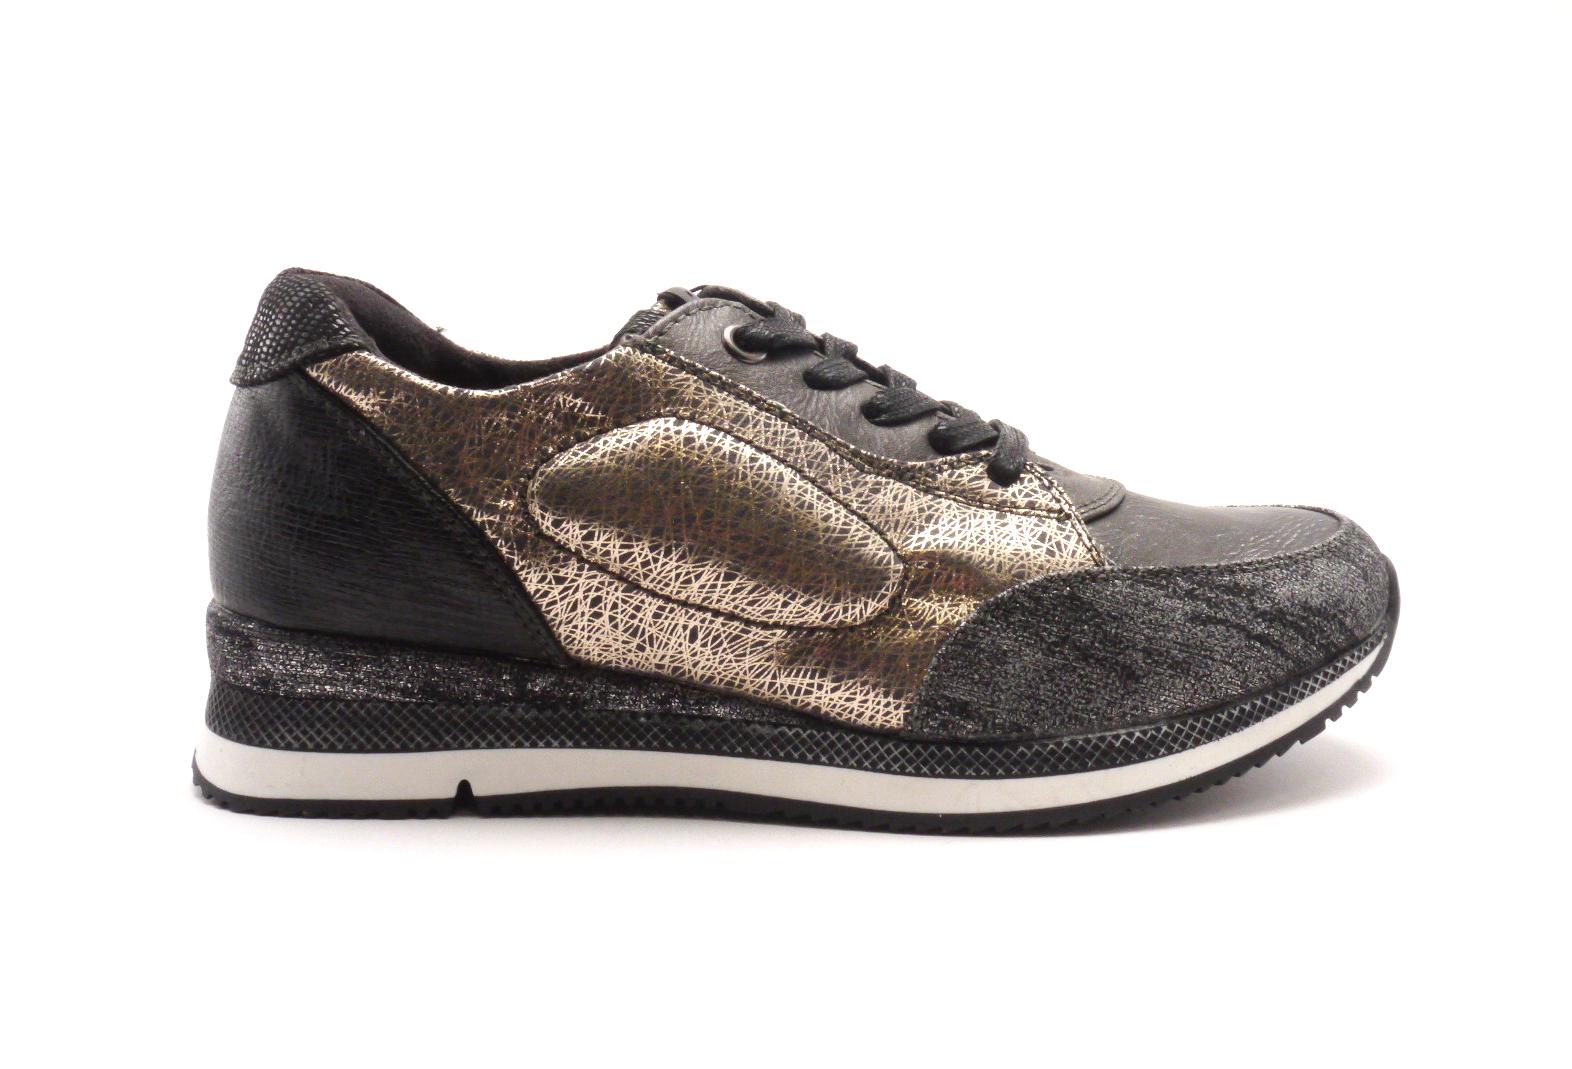 45e8576efa7 Marco Tozzi Dámská obuv 2-23713-27 Velikost  42